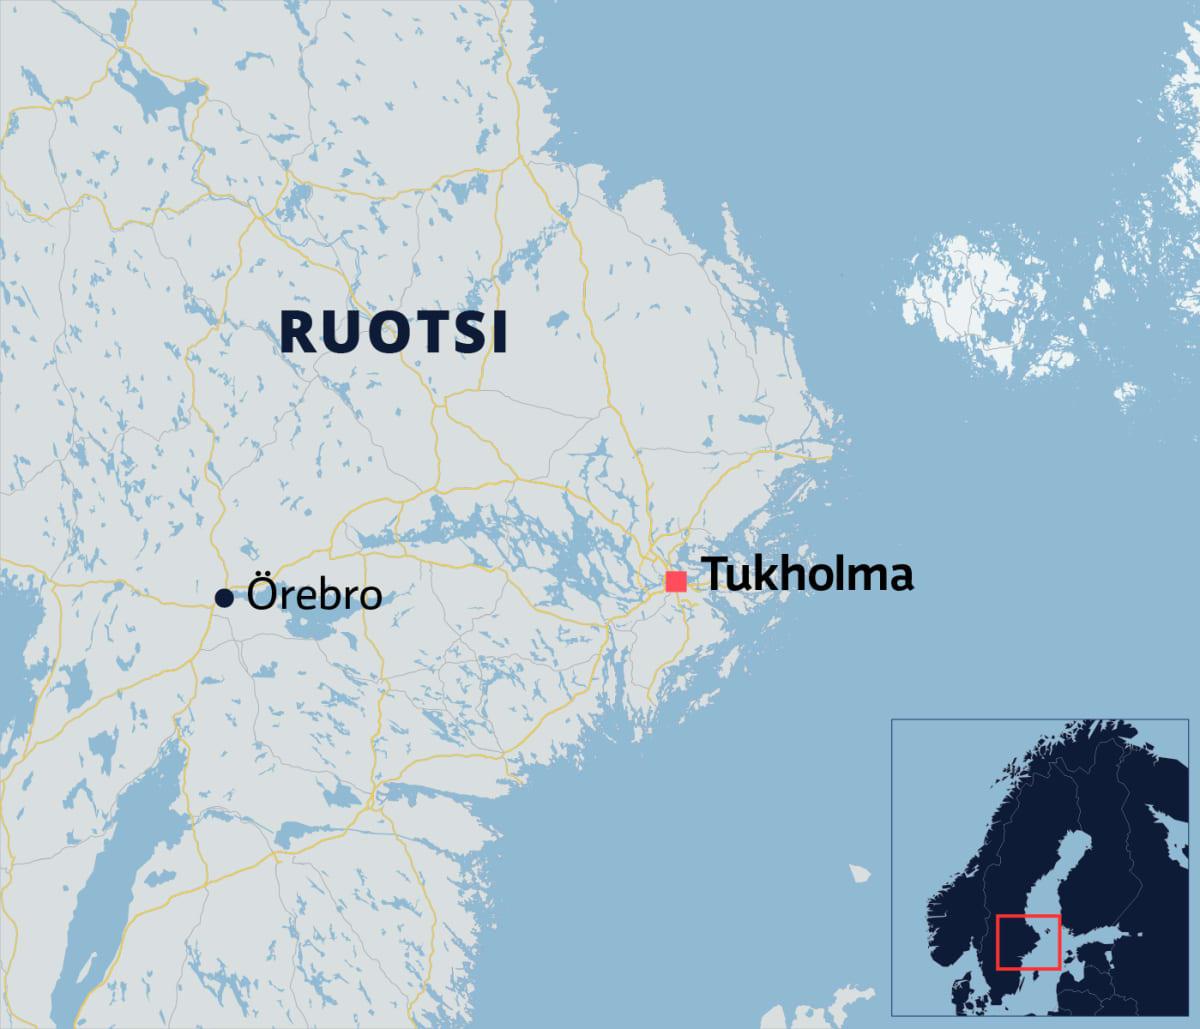 Kartalla Örebron kunta Ruotsissa.